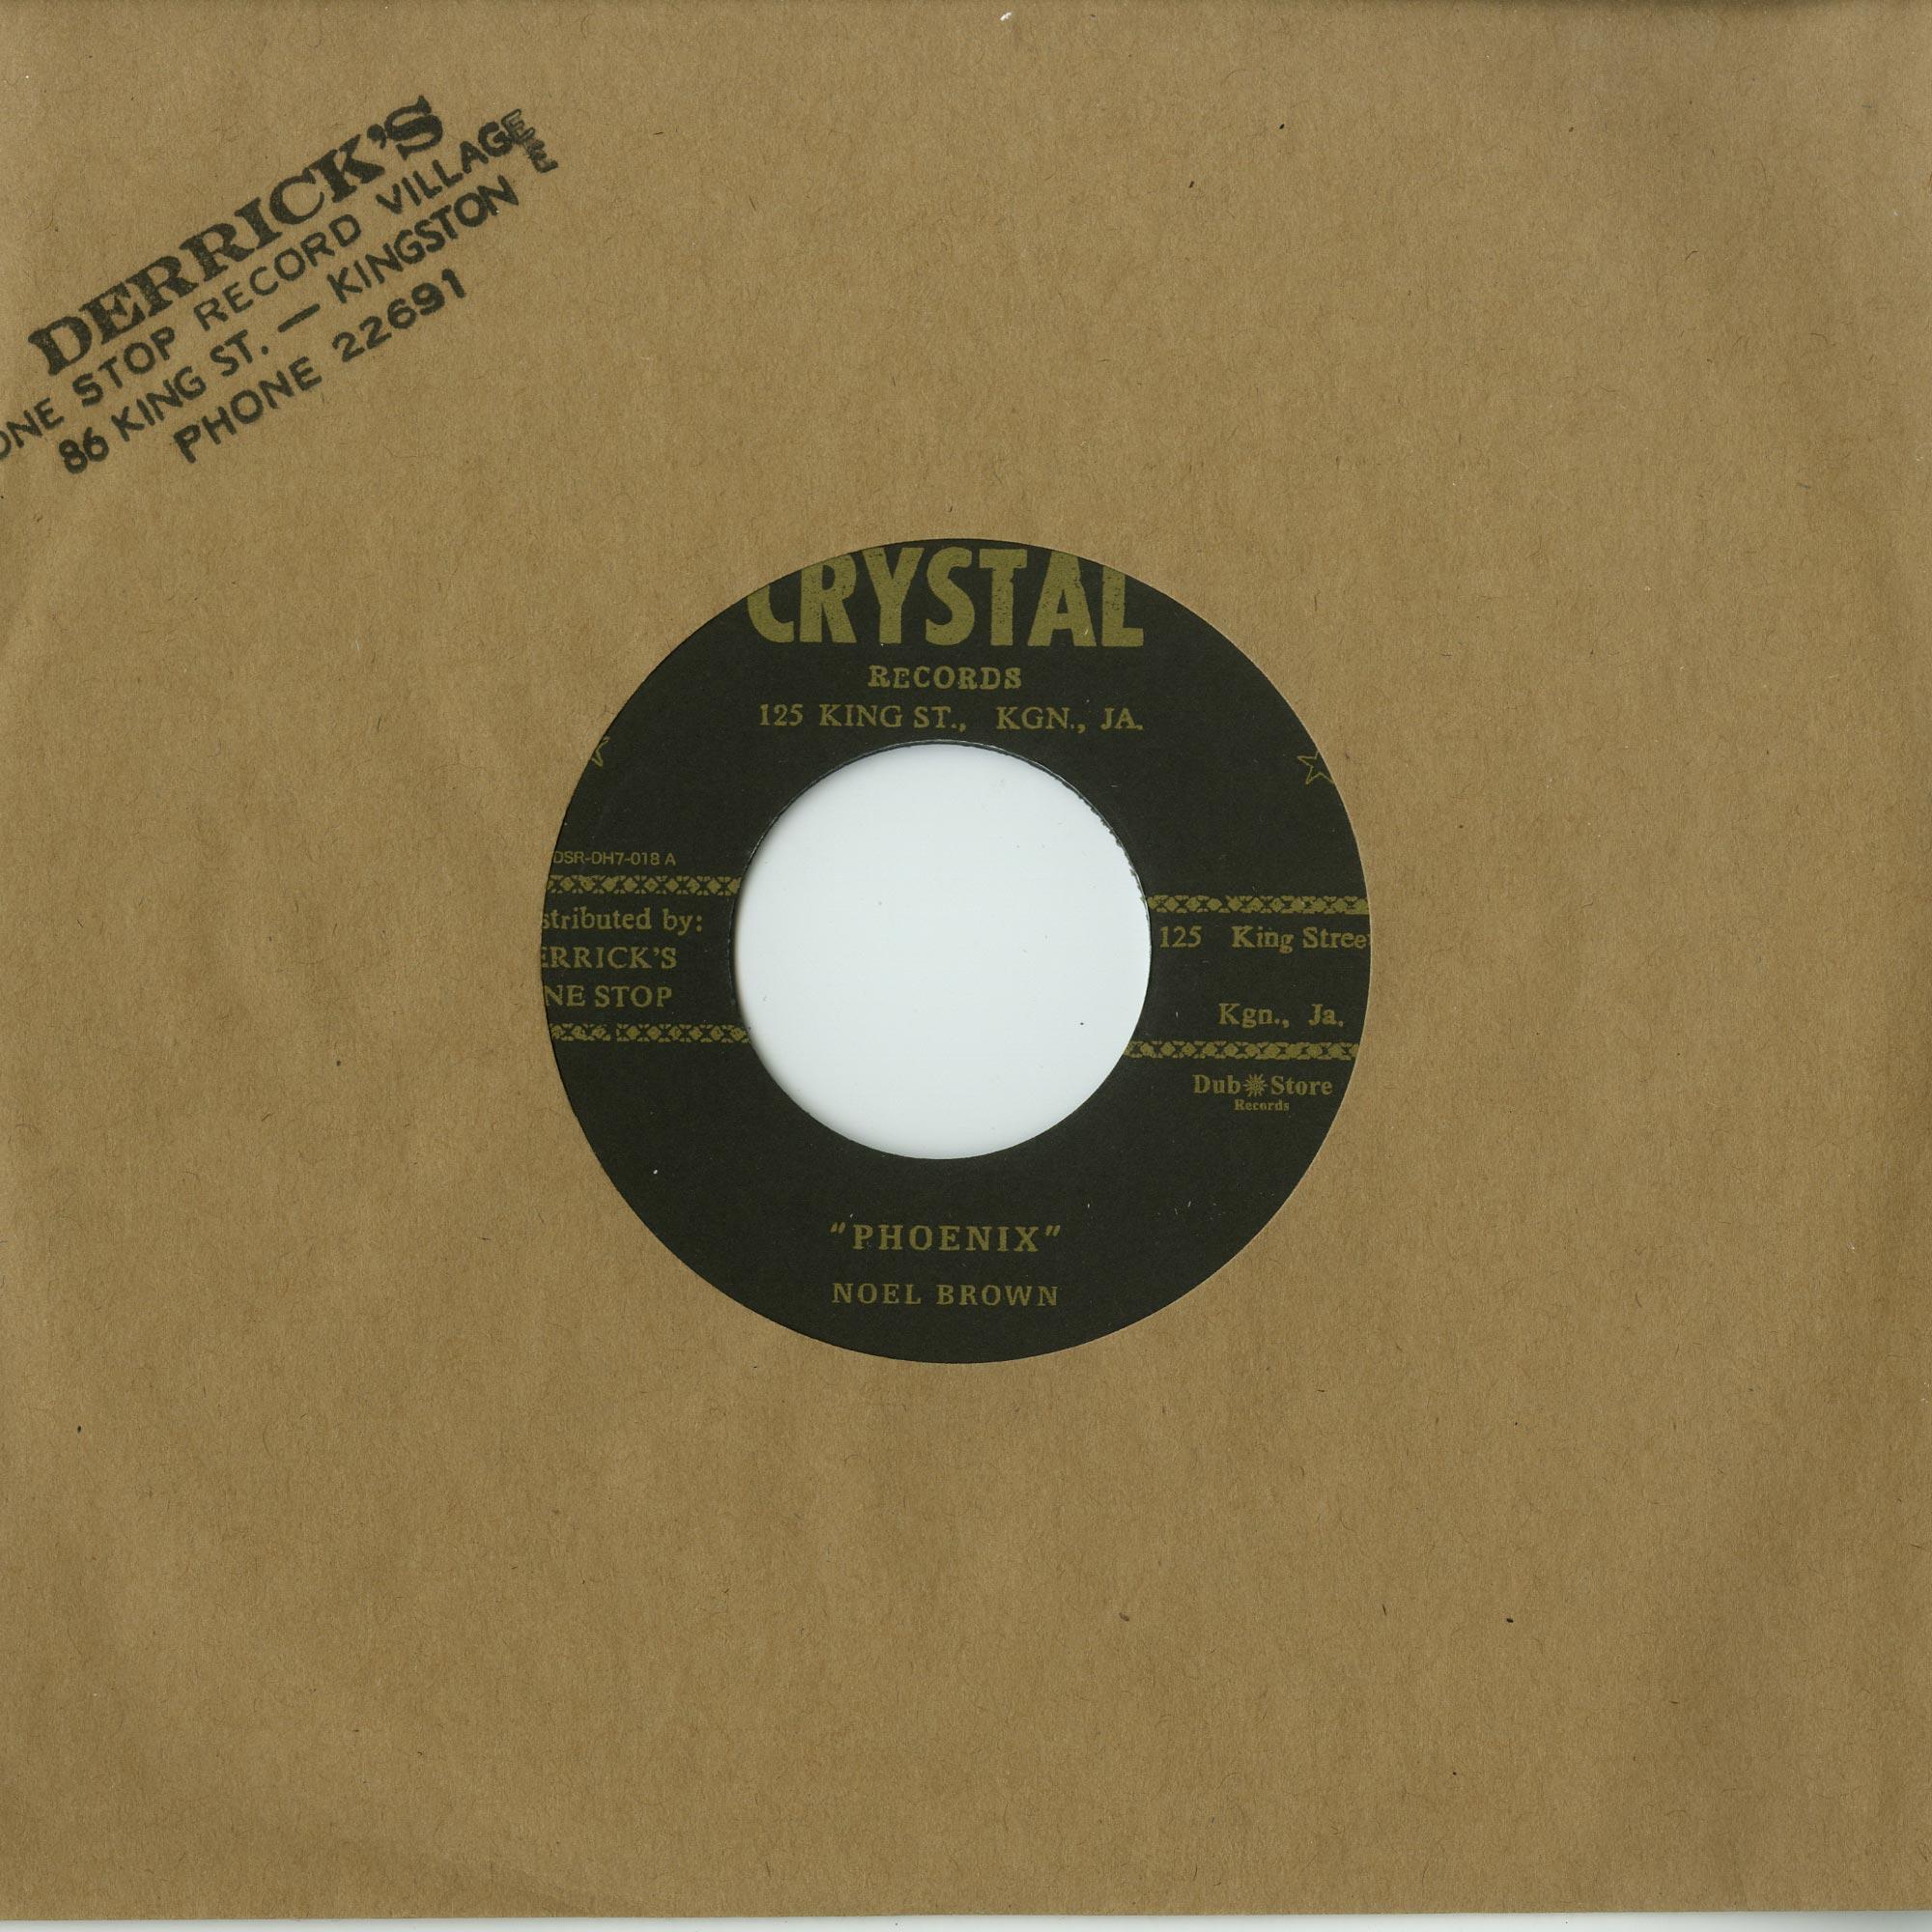 Noel Brown. Ike B & The Crystalites - PHOENIX / PATRICIA